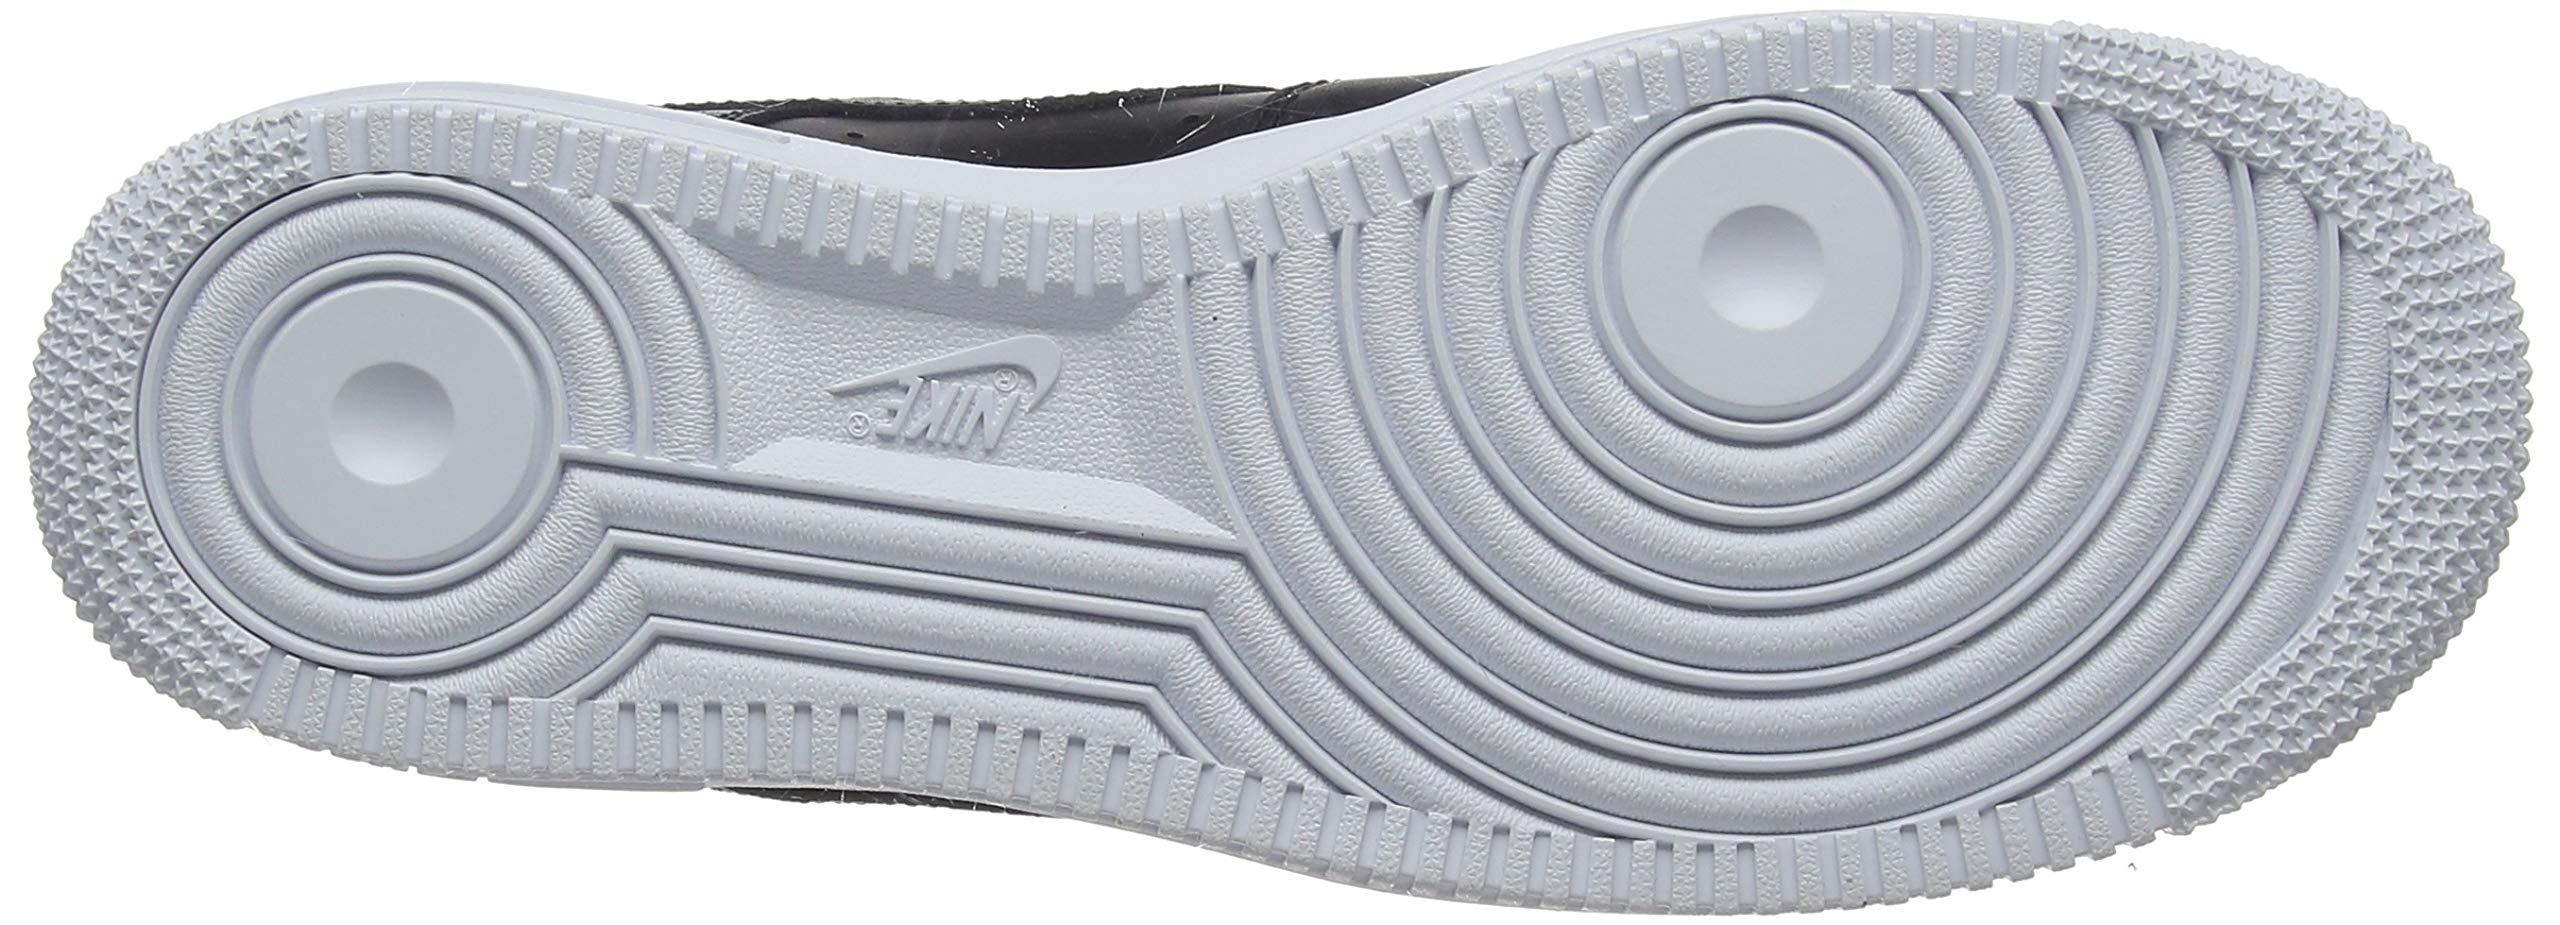 Nike Air Force 1 '07, Zapatillas de Gimnasia para Hombre